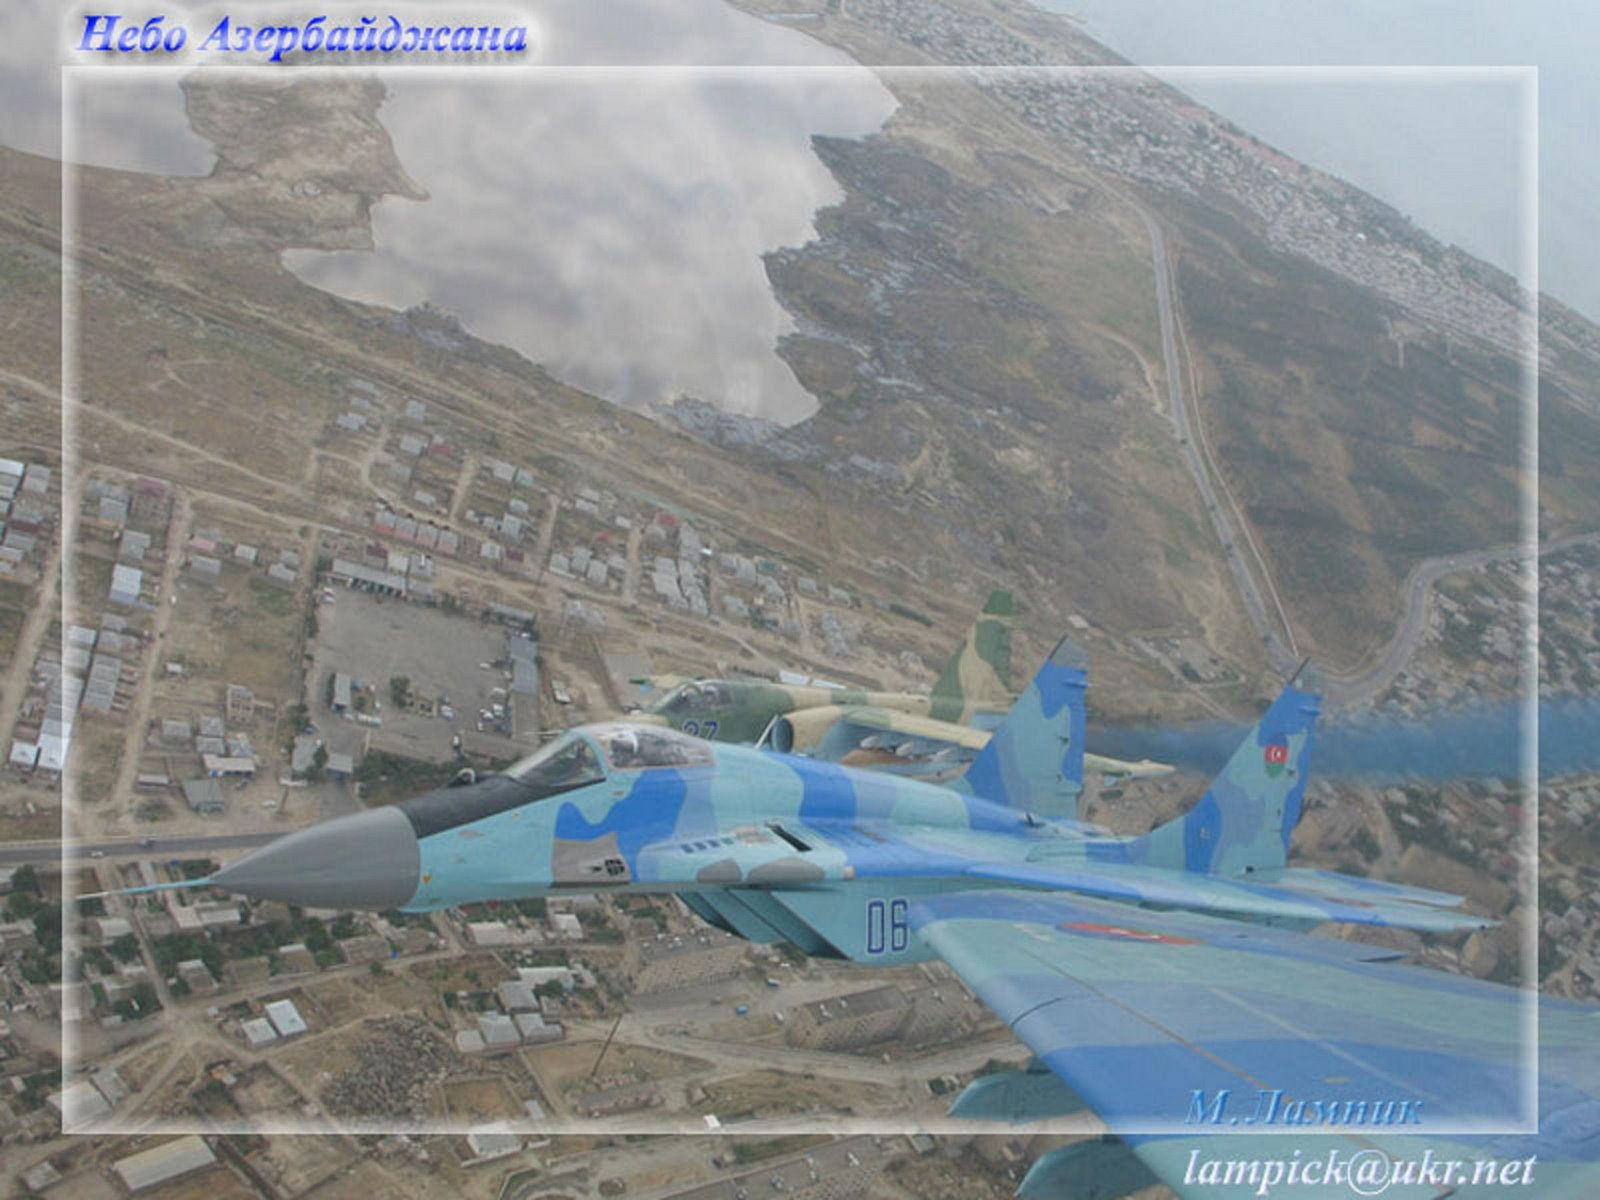 Armée Azeri / Azerbaijani Armed Forces / Azərbaycan Silahlı Qüvvələri - Page 2 AZERBAIYAN%2BAIRE%2B6